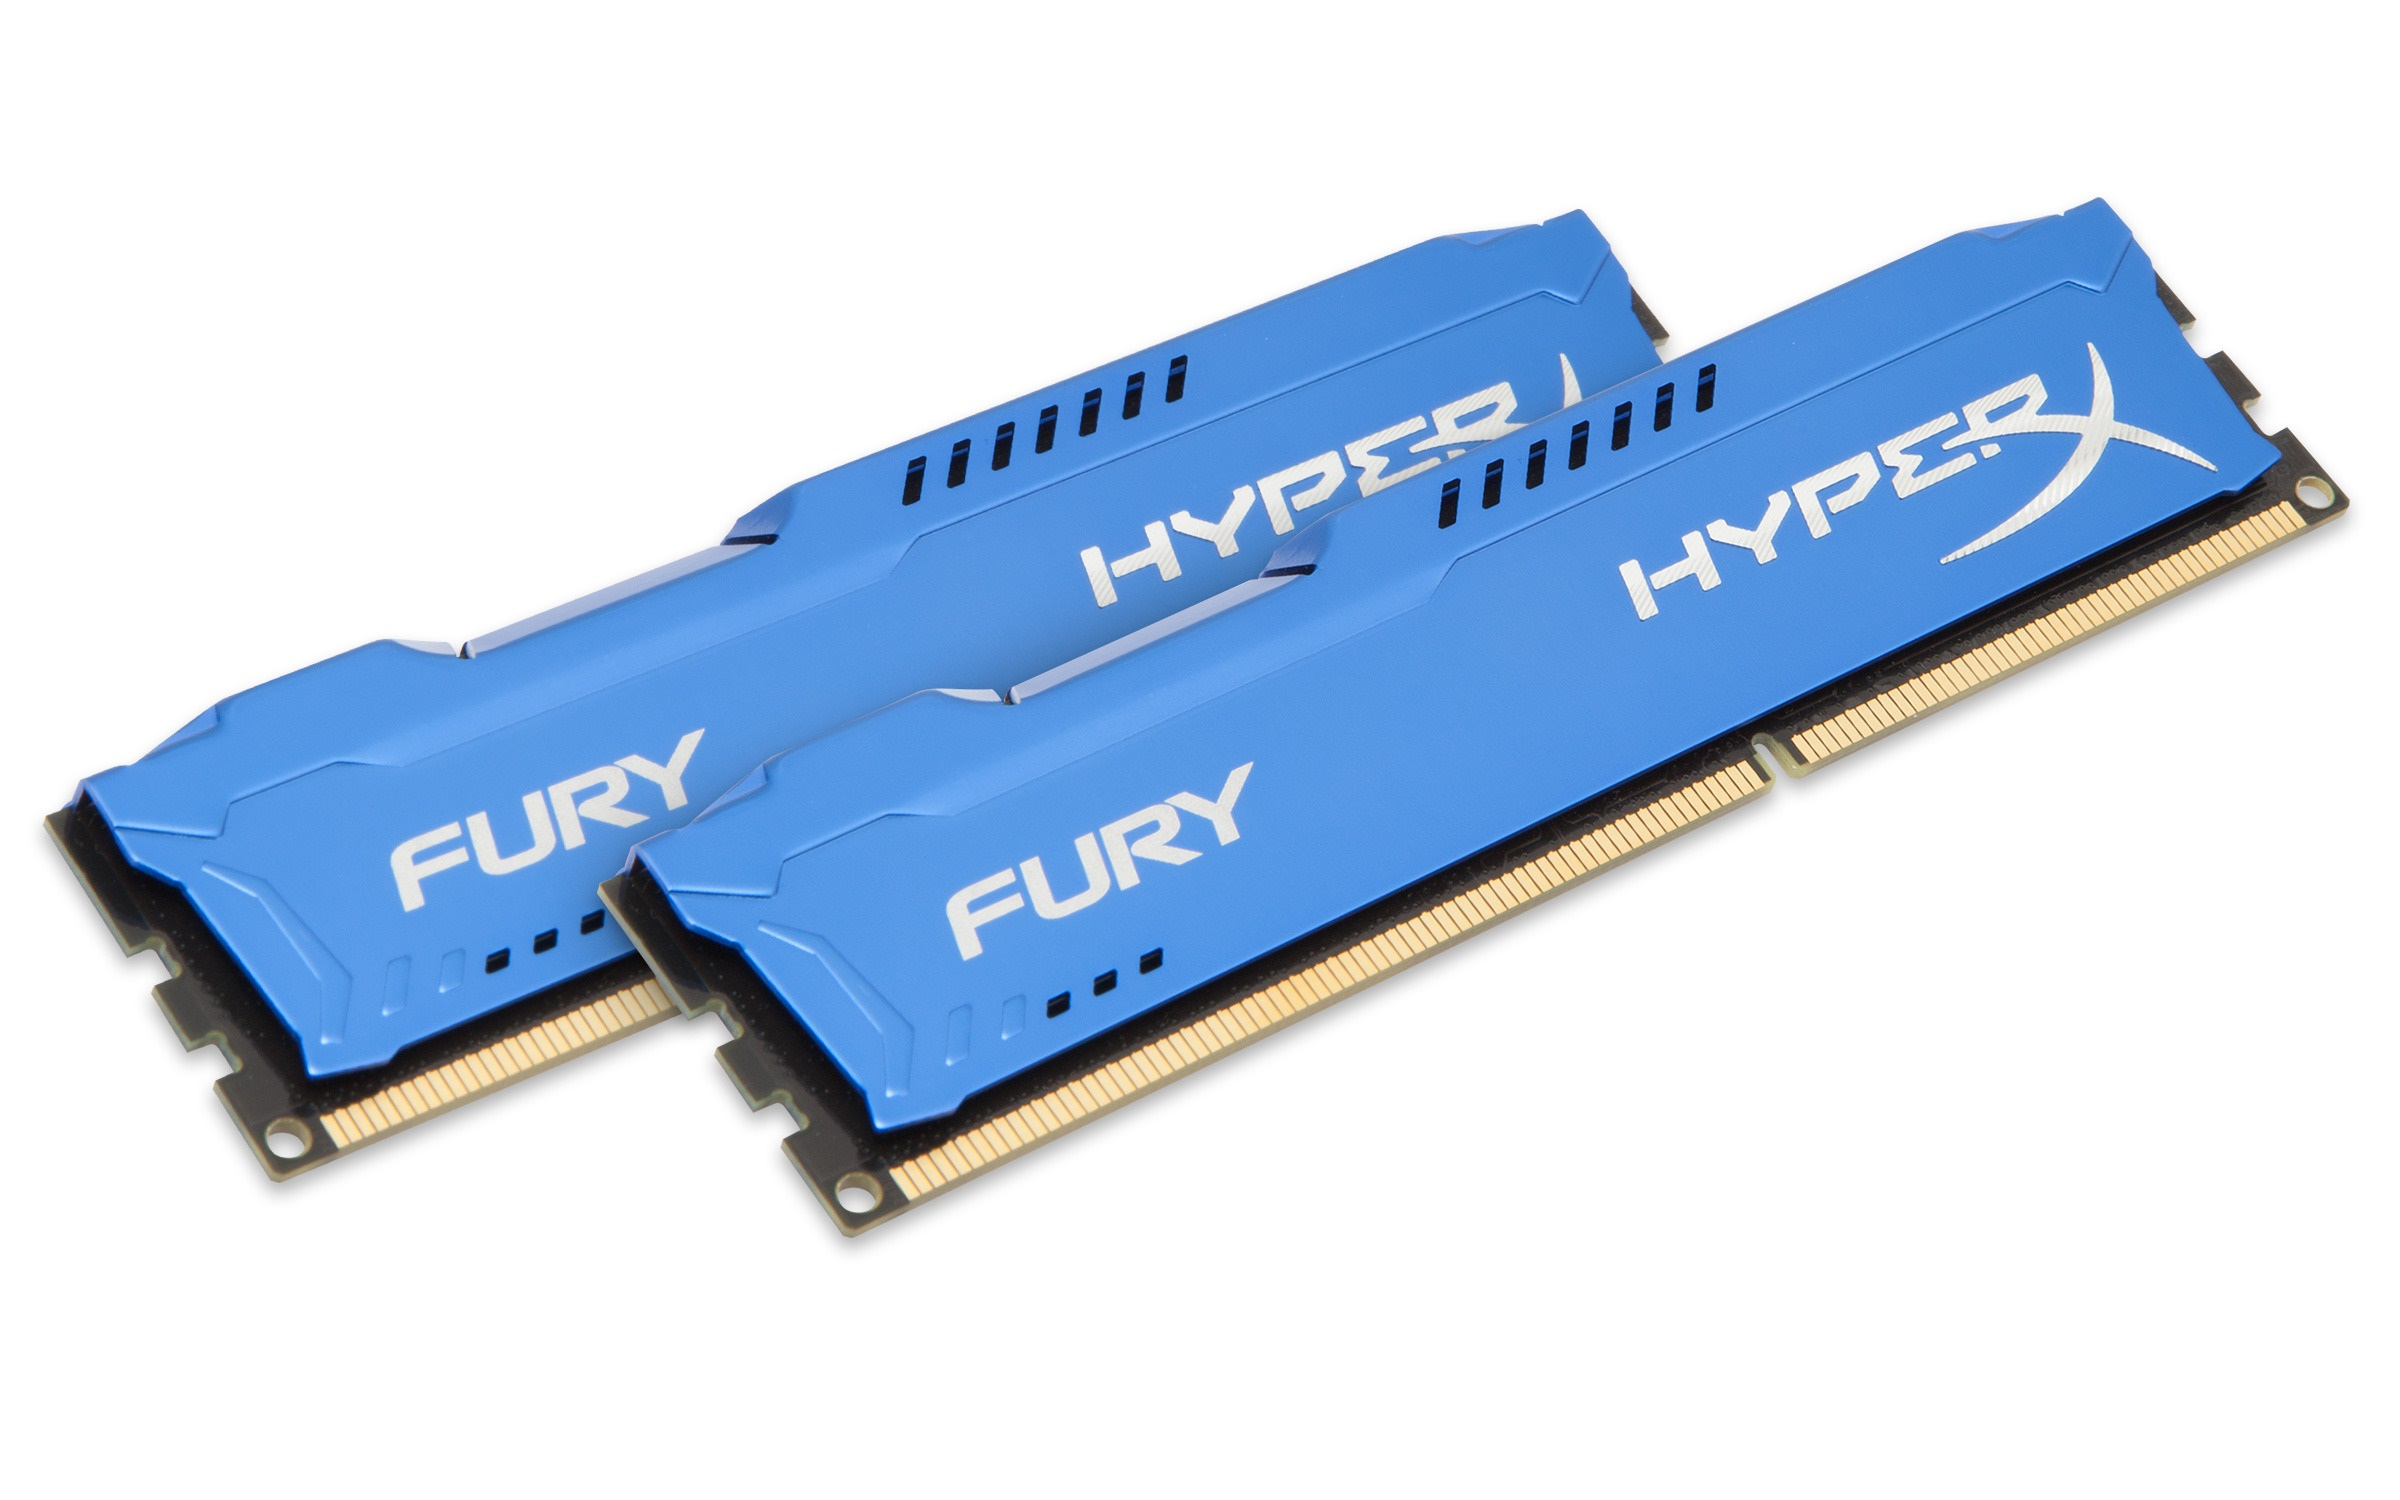 8GB DDR3-1333MHz Kingston HyperX Fury Blue, 2x4GB